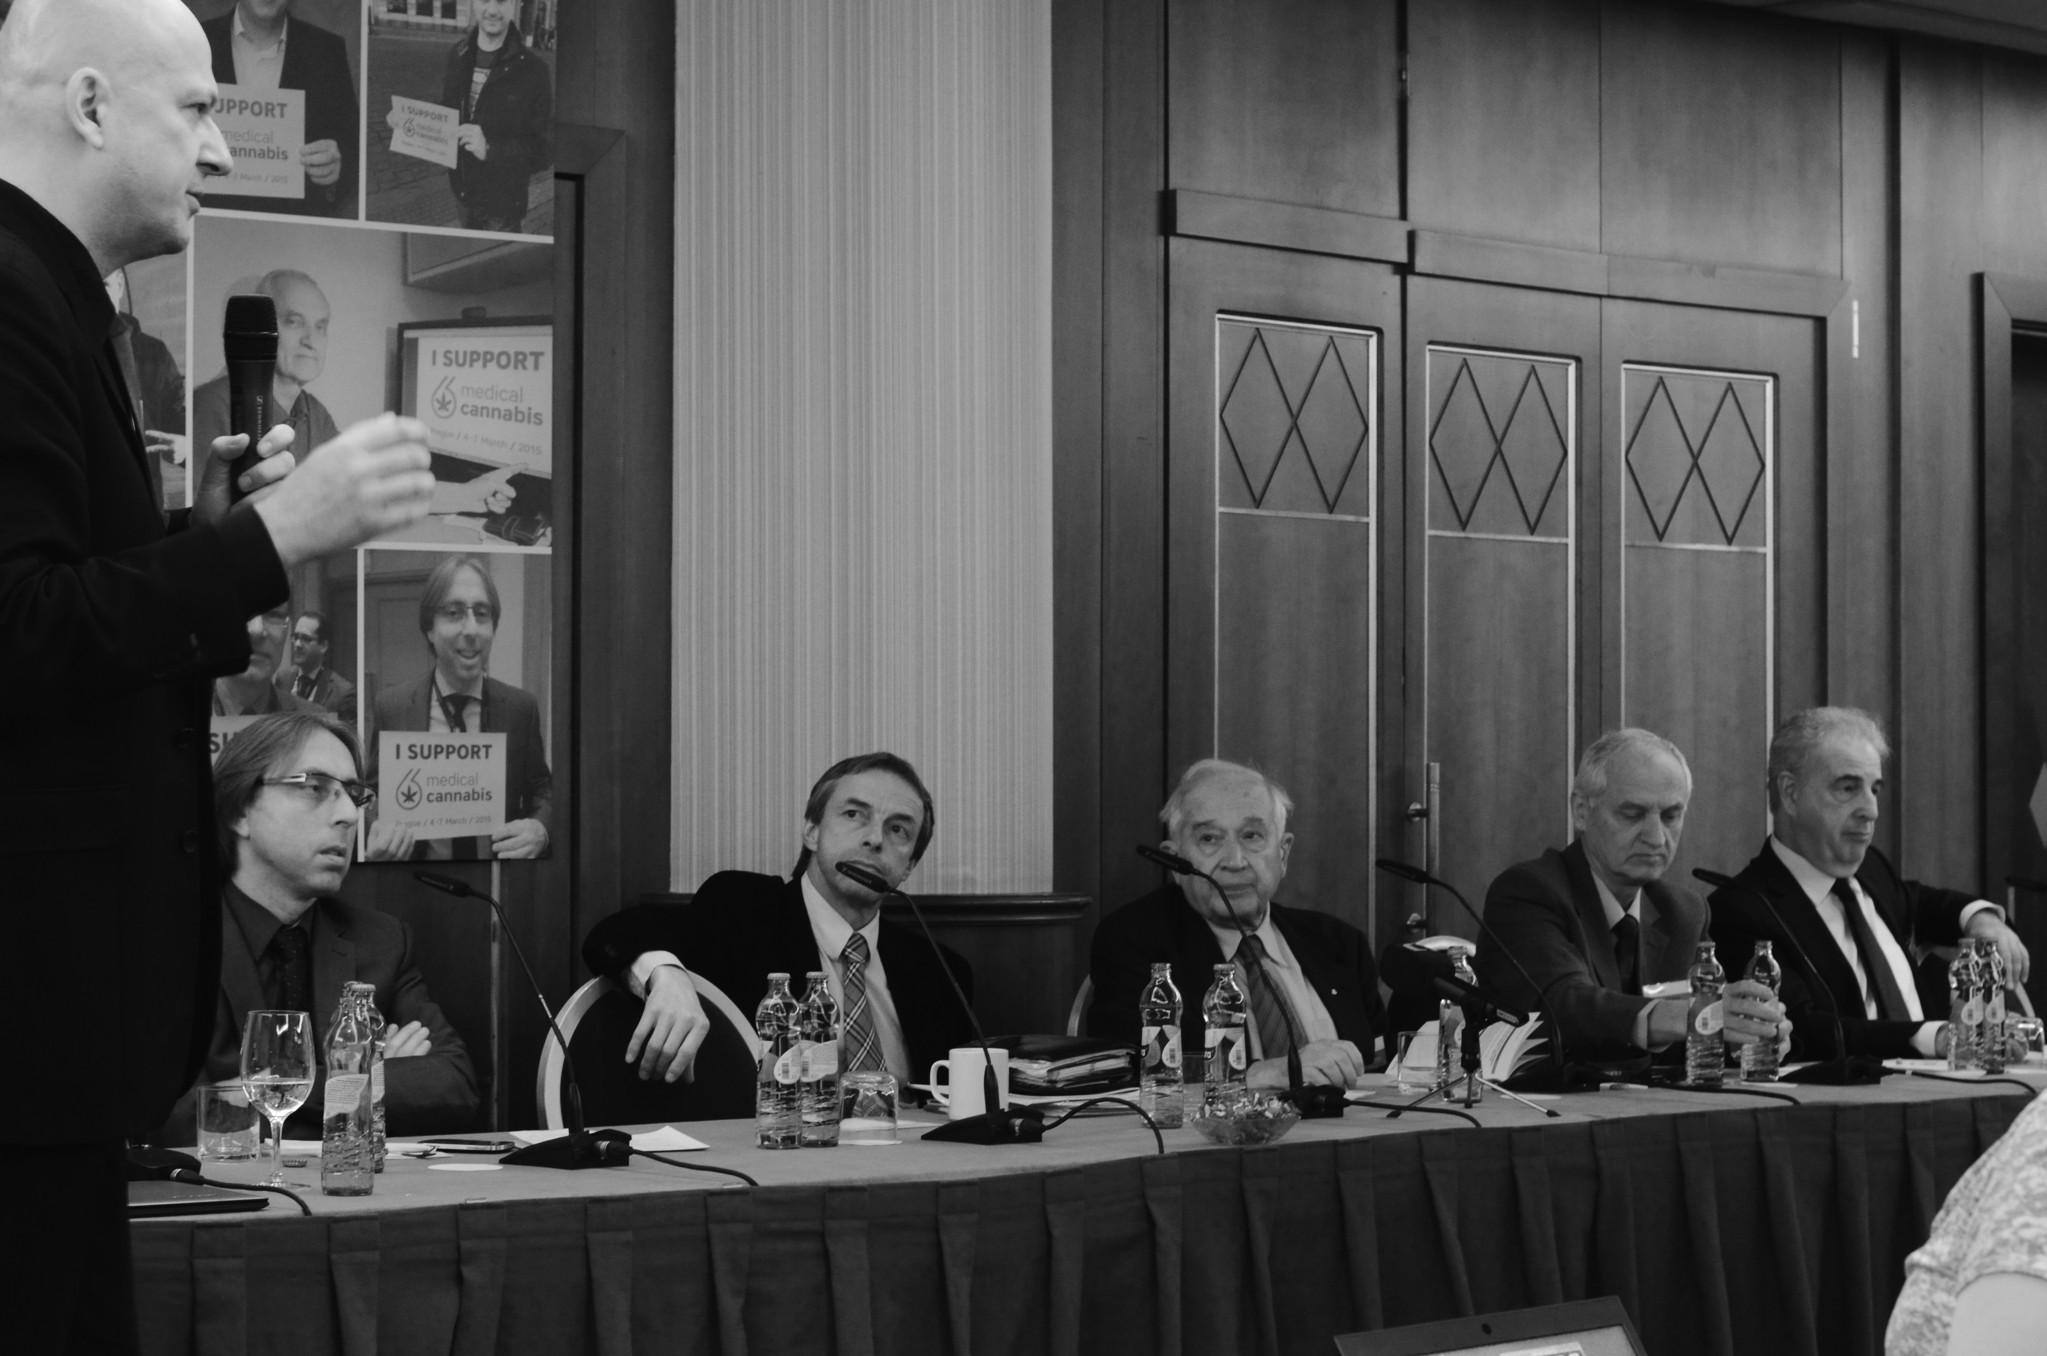 Na přelomové konferenci o léčbě konopím. Mezi posluchači nechybí legendy jako Lumír Hanuš či Raphael Mechoulam. Foto: Tereza Jirásková